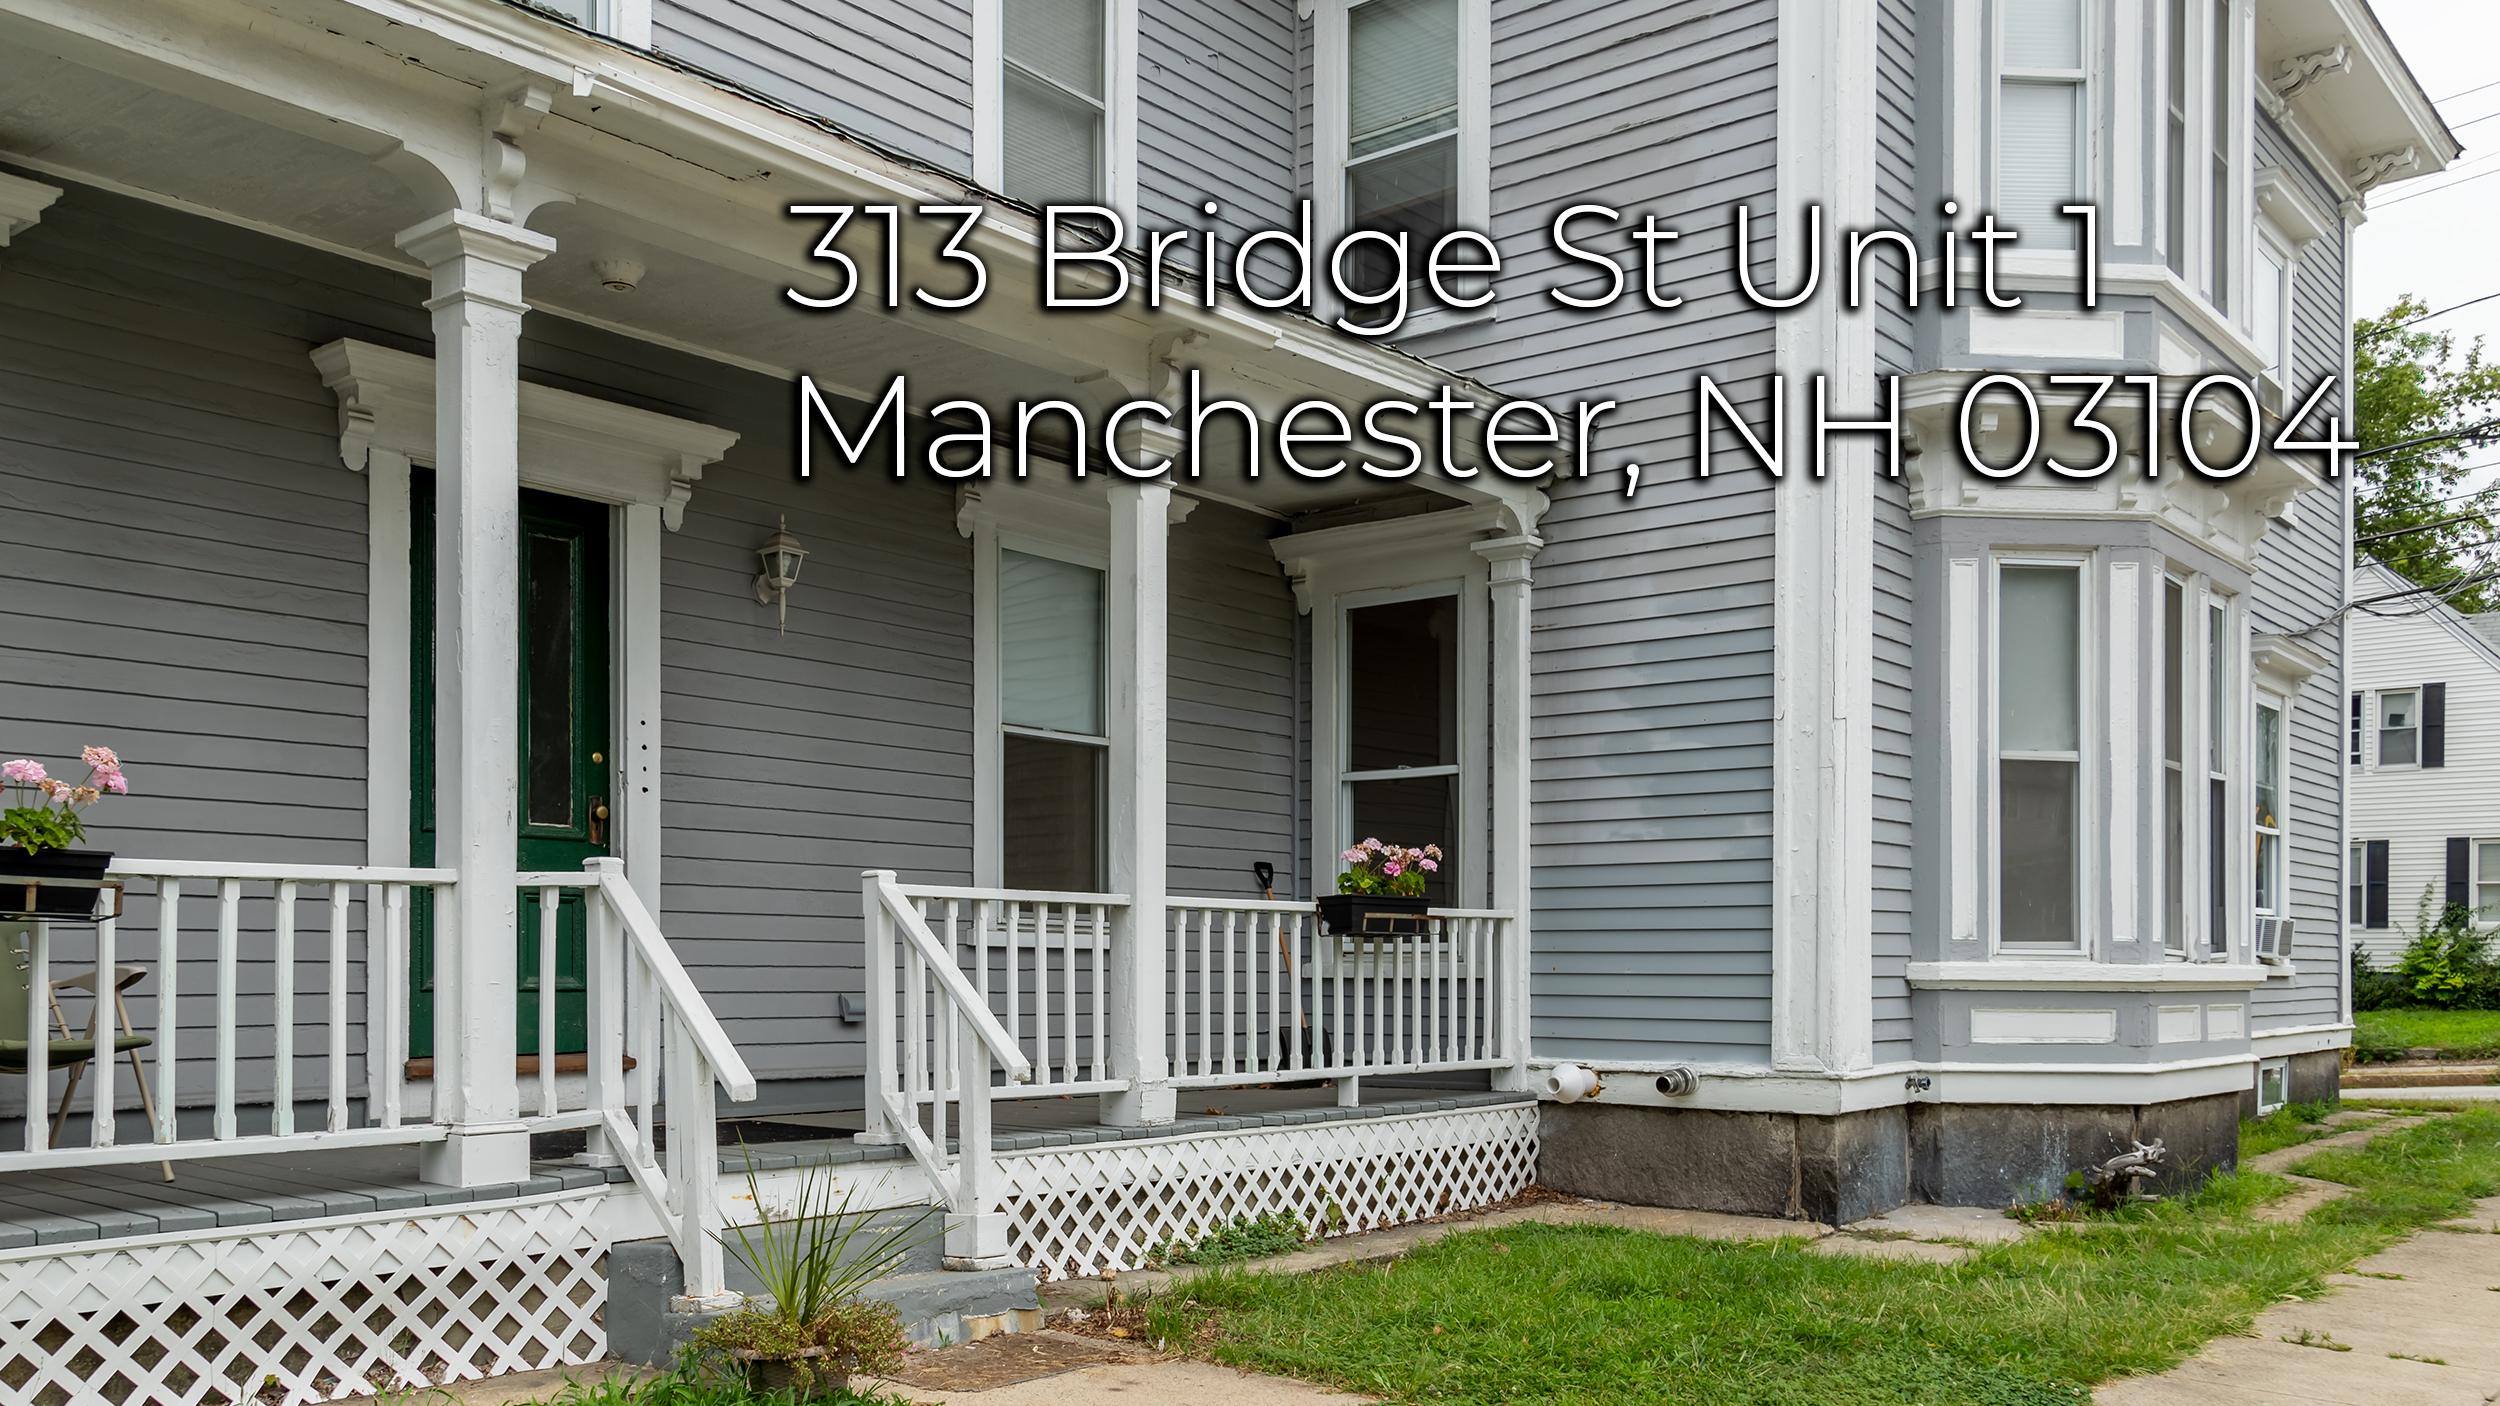 313 Bridge St Unit 1 Manchester NH 03104